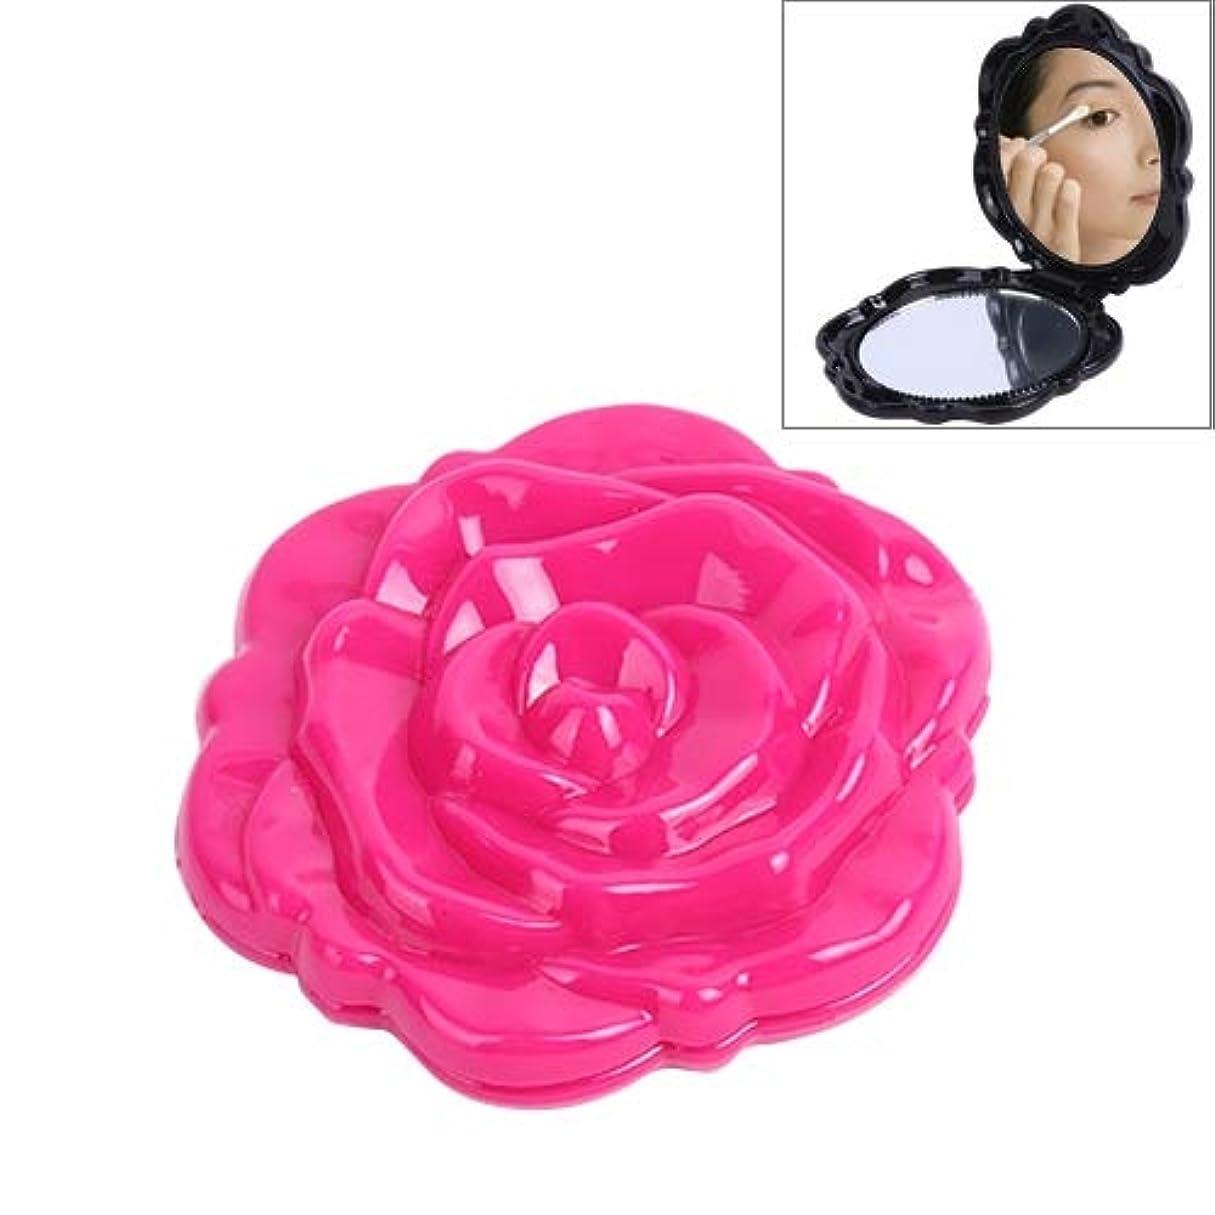 やろう特別に窒息させるMEI1JIA 高品質ローズ折りたたみプラスチック円形化粧鏡両面ステレオステレオ化粧鏡(ブラック) (色 : Magenta)